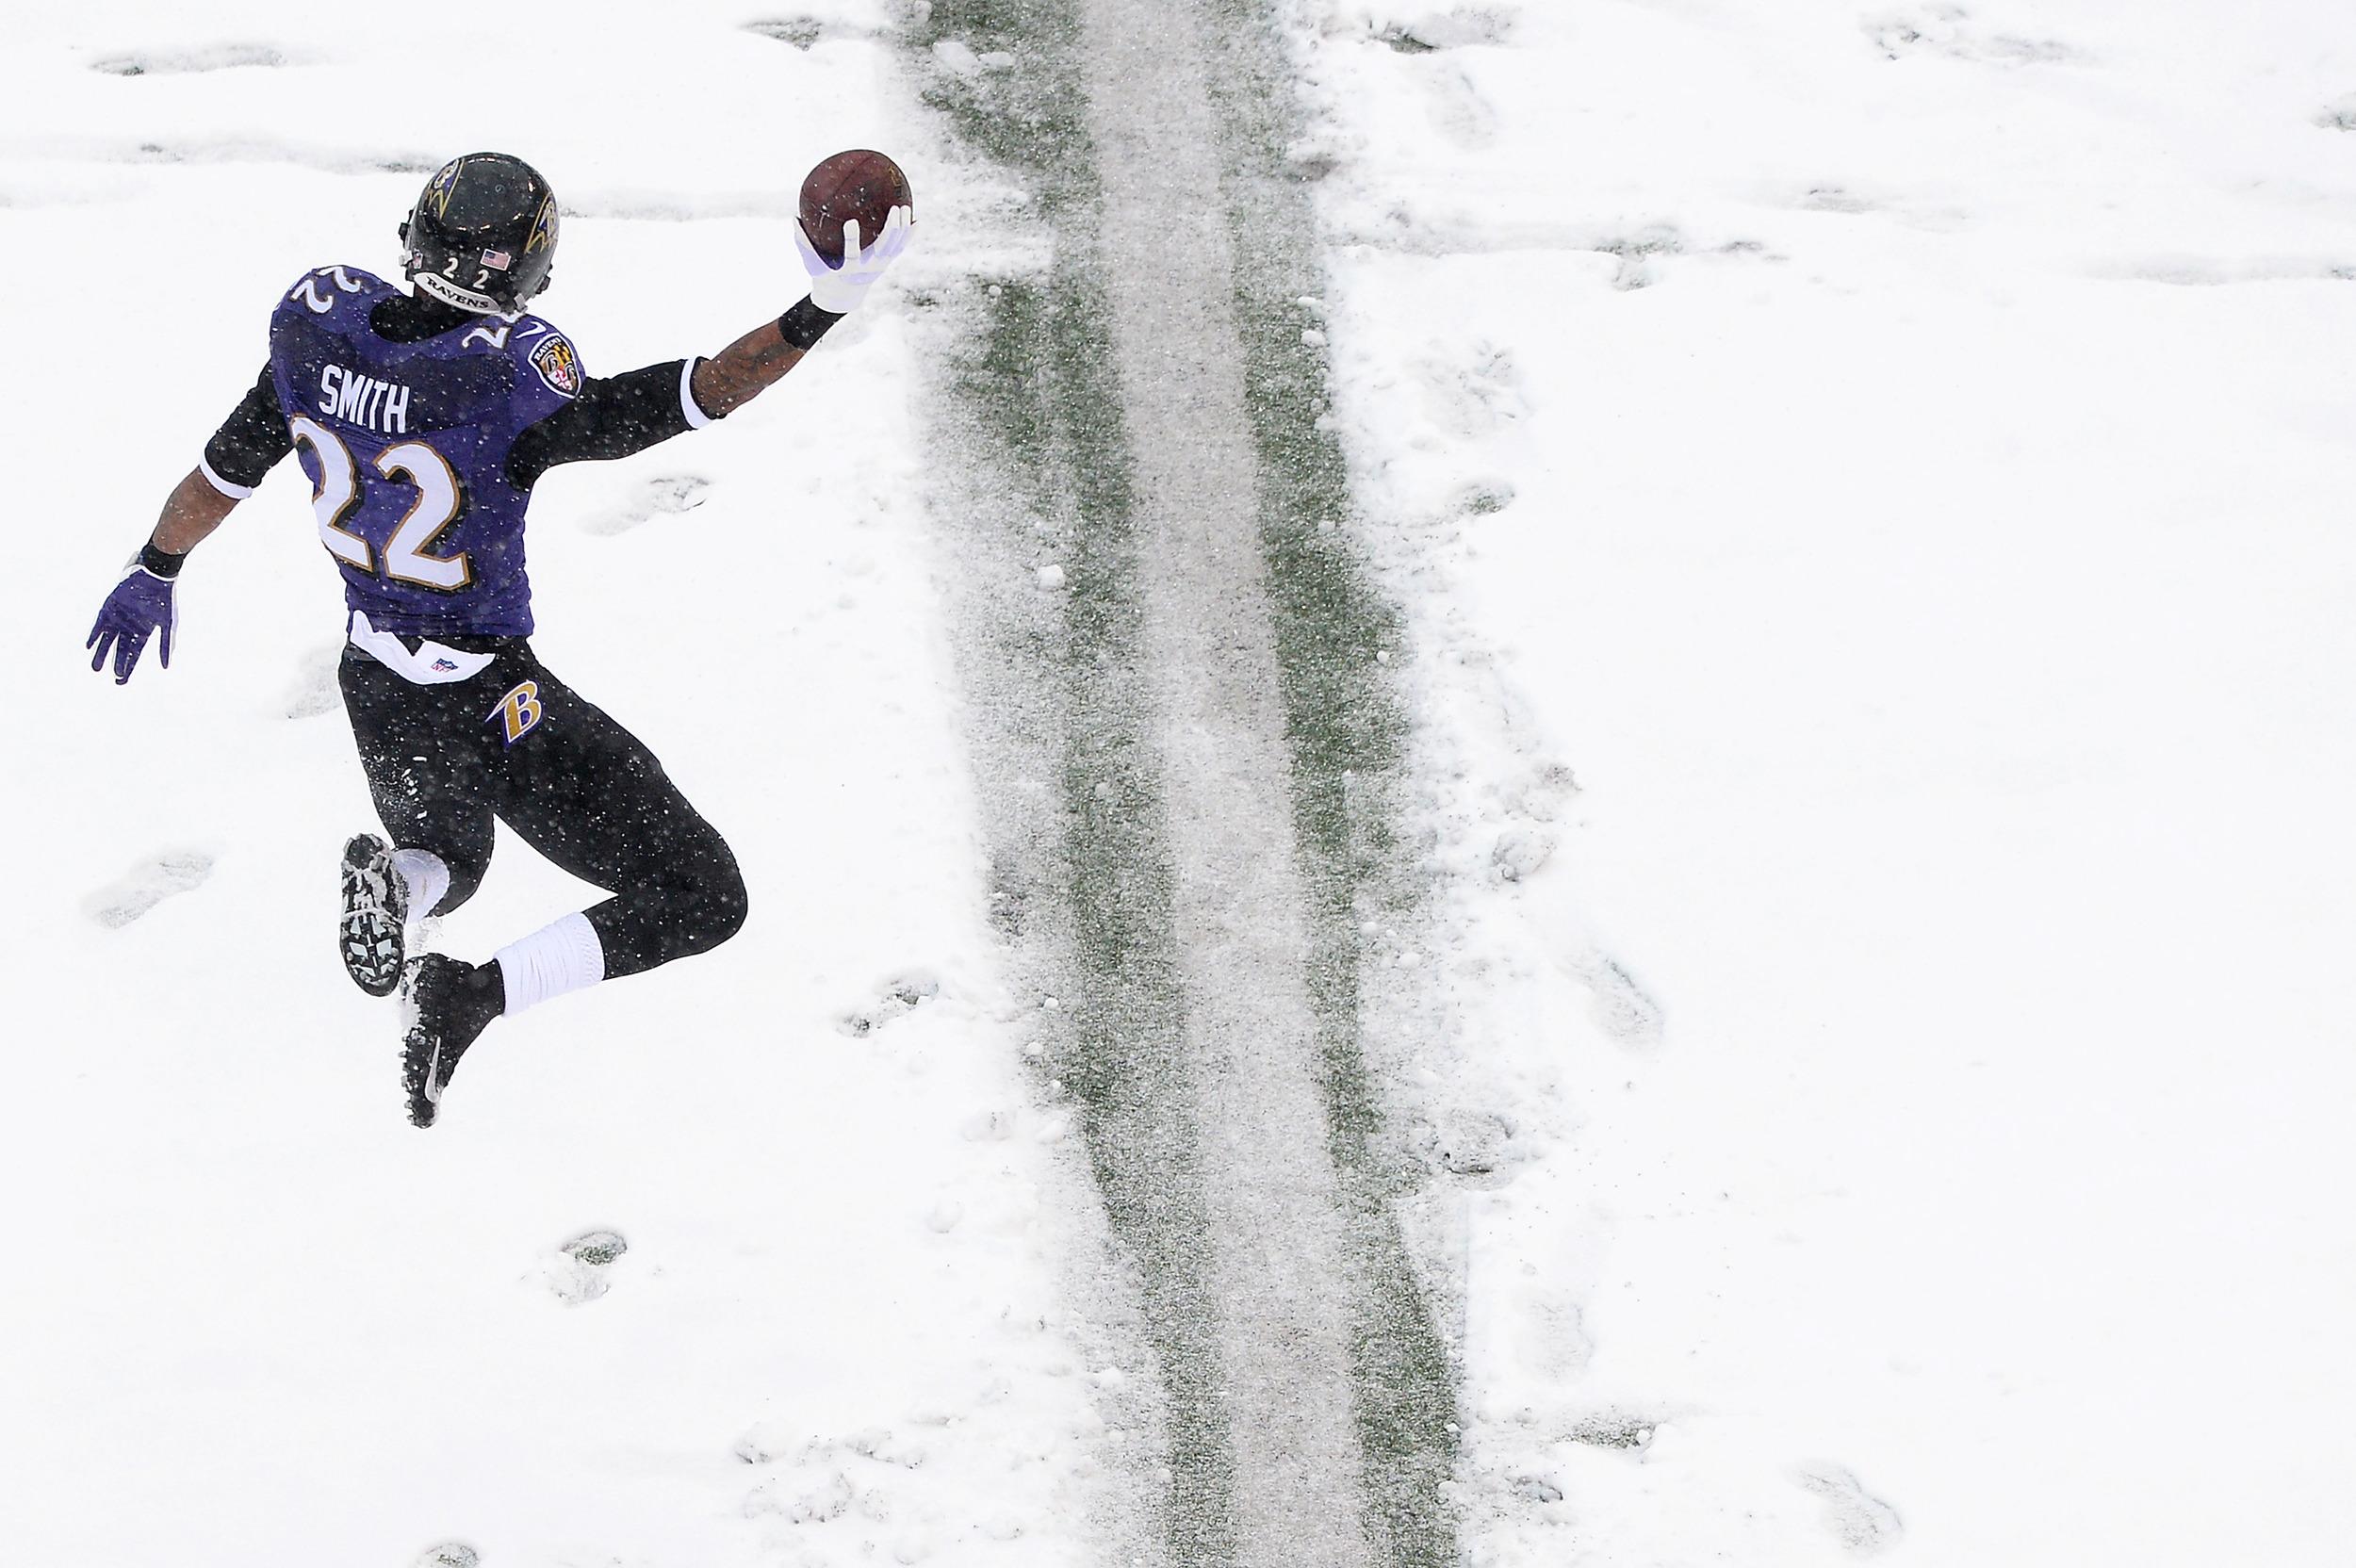 Τα καλύτερα στιγμιότυπα της 14ης αγωνιστικής του NFL